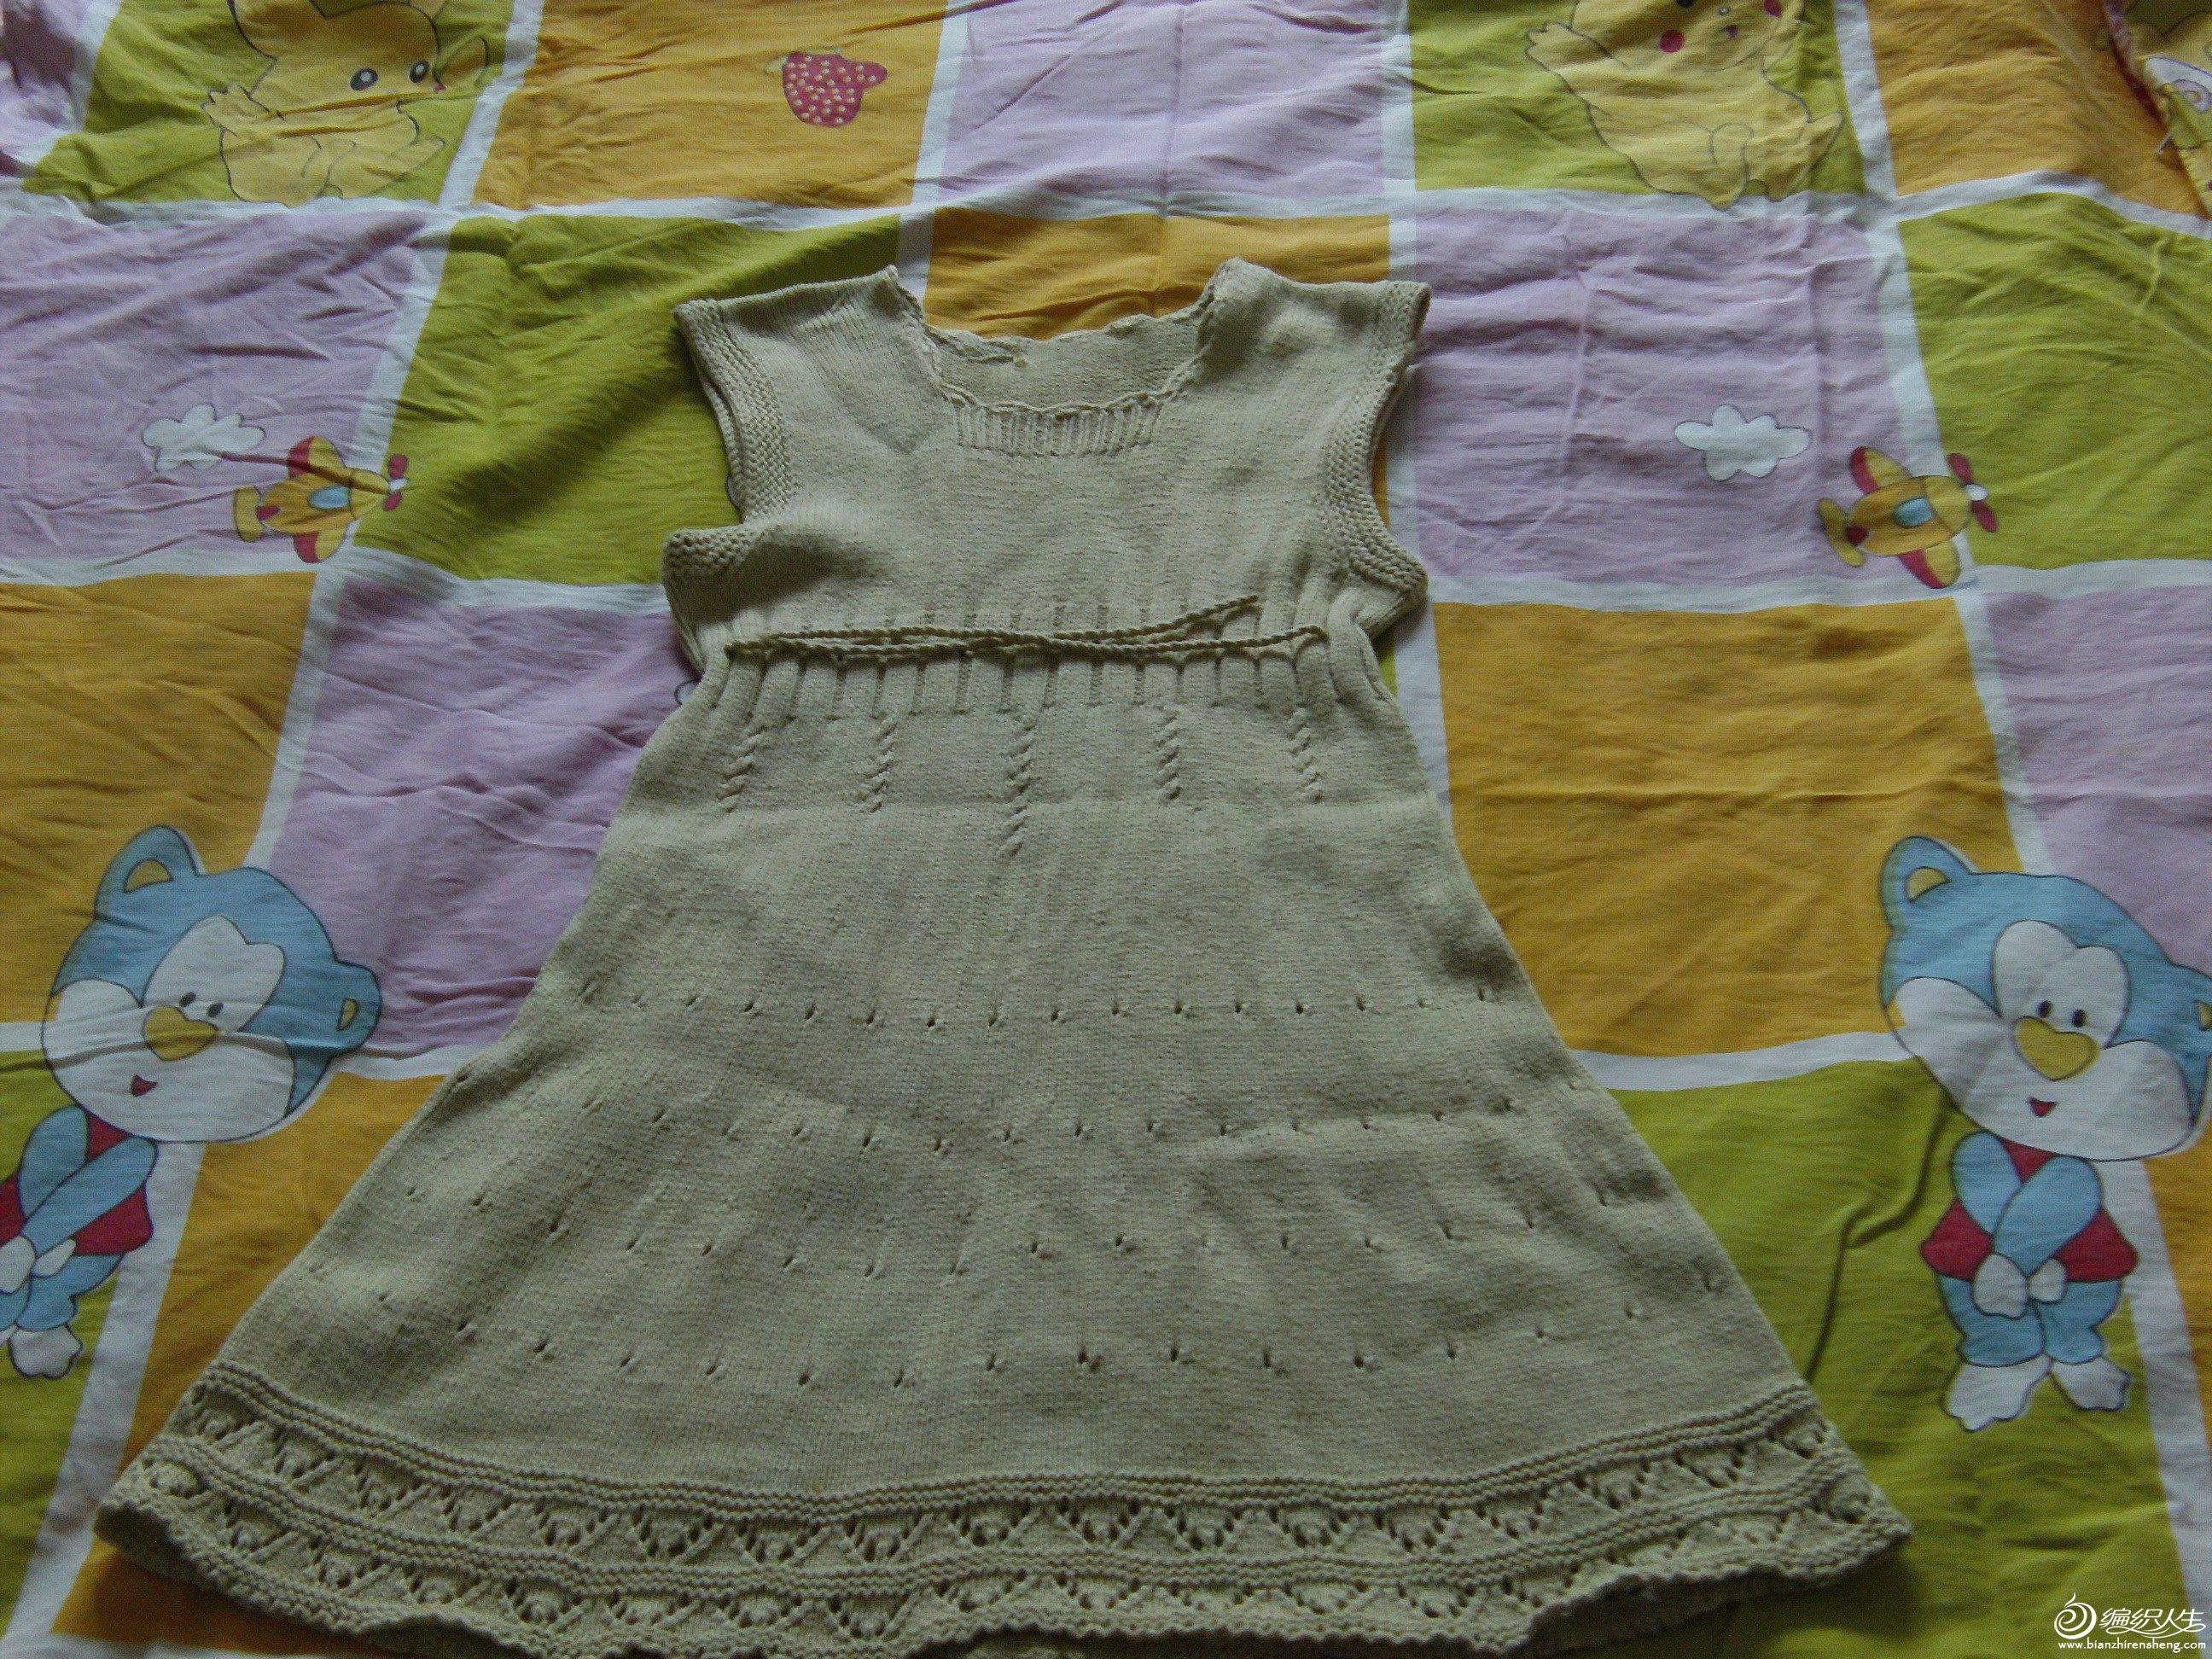 FILE0061.JPG